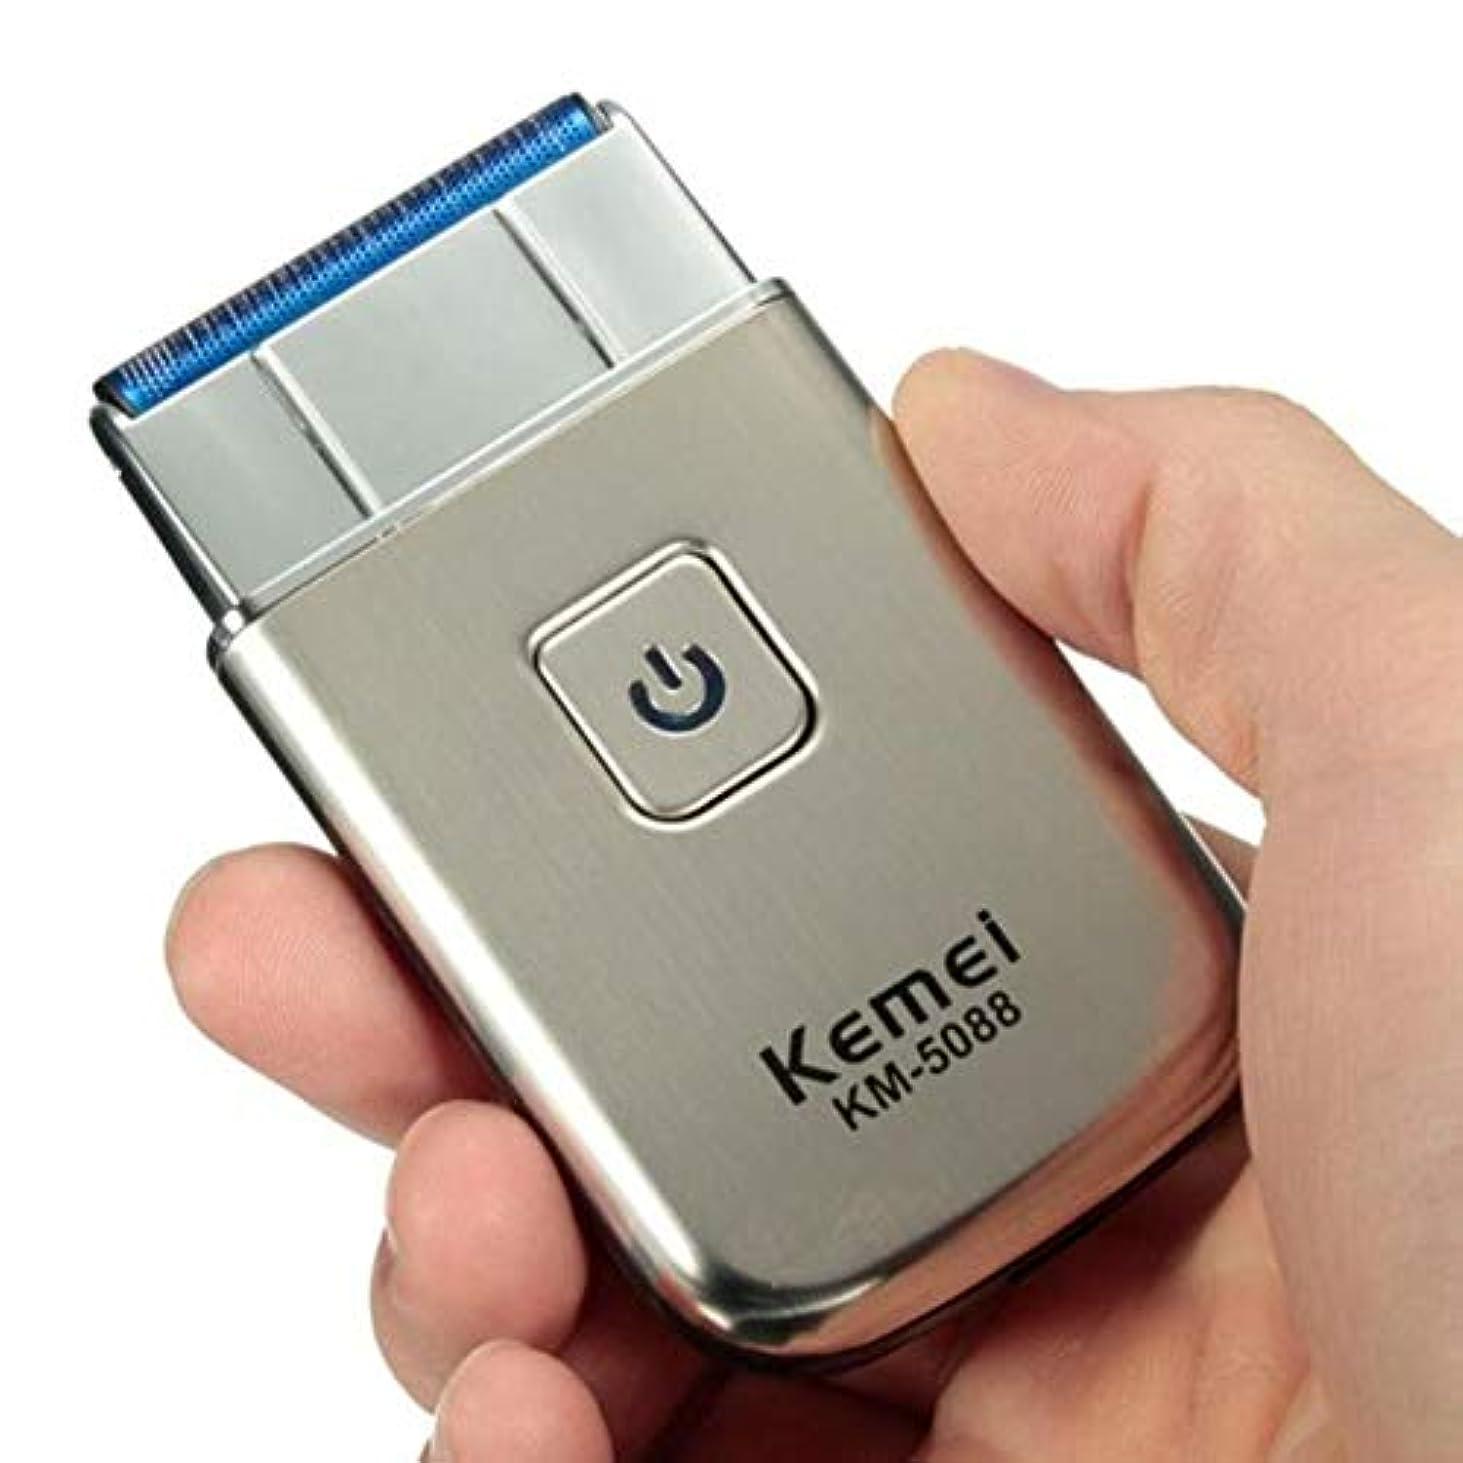 休憩保証する空のミニポータブルメンズ電気USB充電式コードレスひげ髭剃り機Kemei KM - 5088